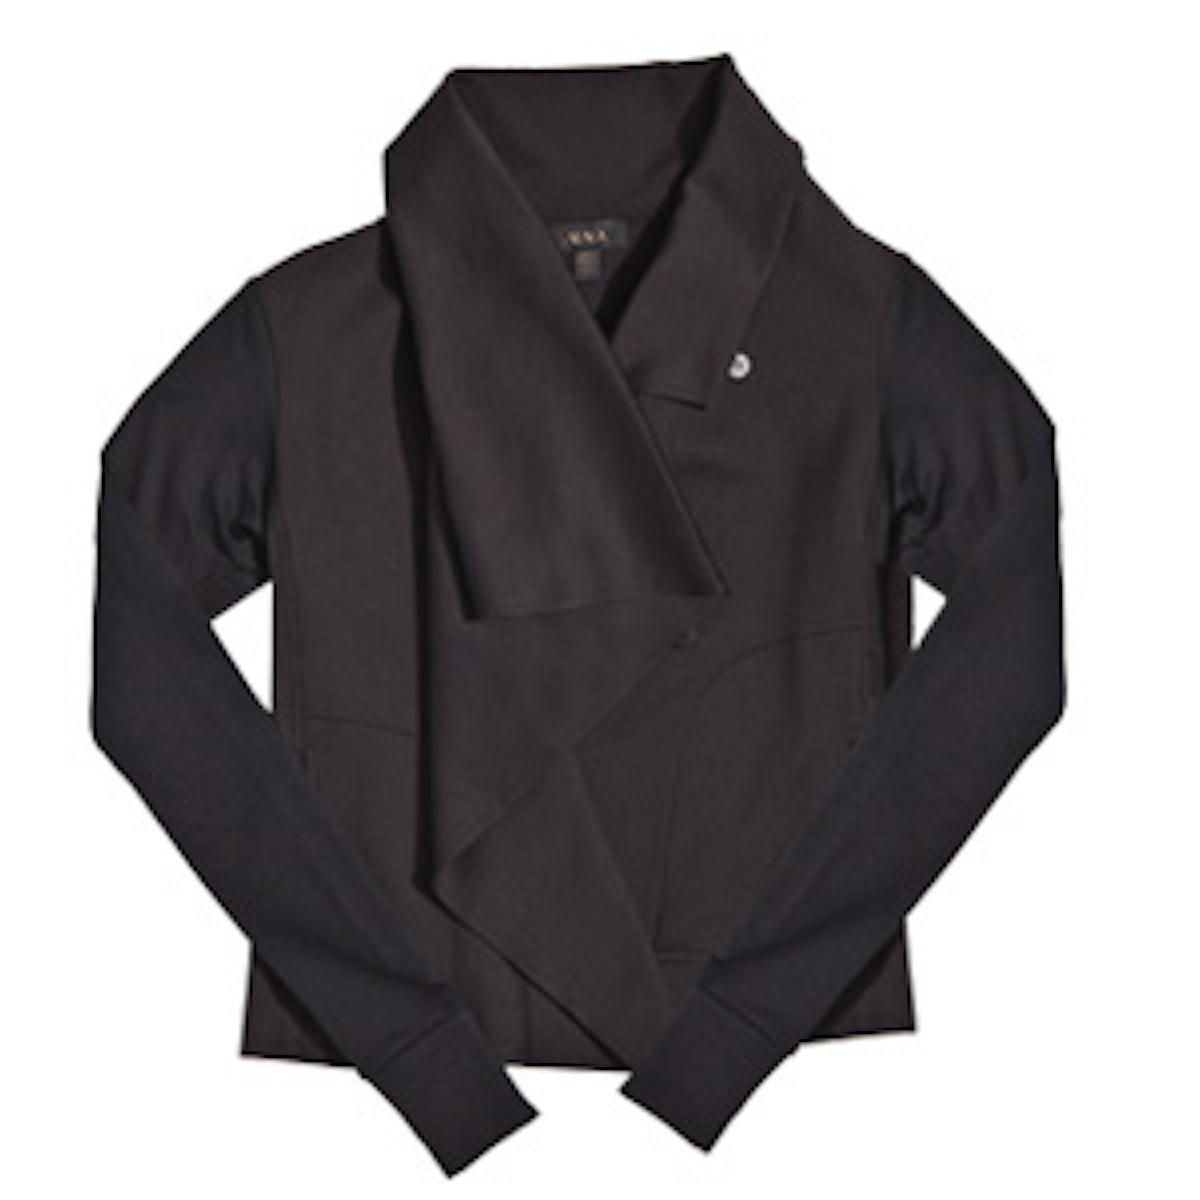 Sophisticated Draped Jacket